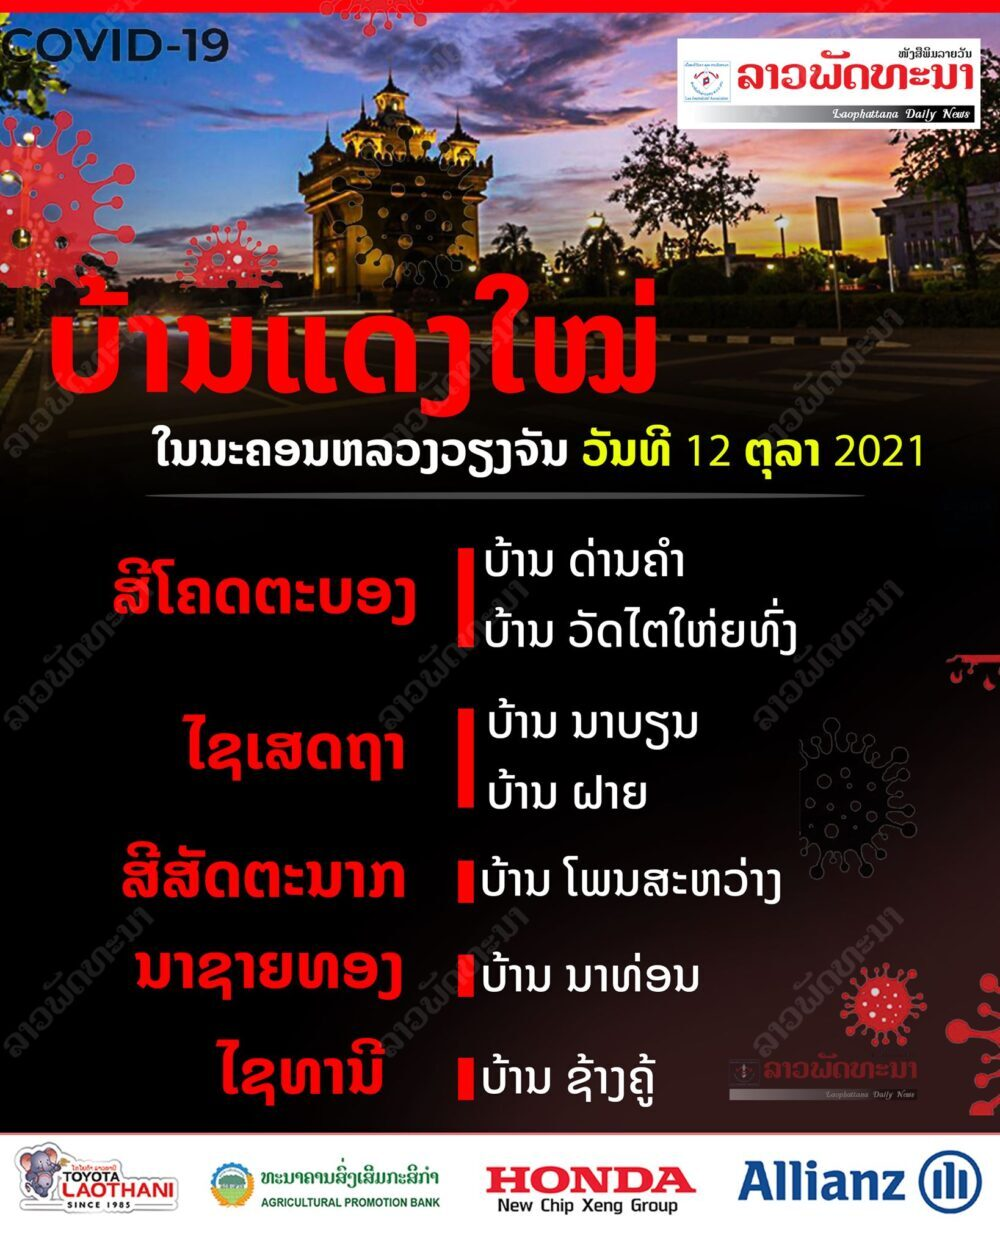 ບ້ານແດງໃໝ່ທີ່ຖືກກຳນົດຂຶ້ນຢູ່ນະຄອນຫລວງວຽງຈັນ ວັນທີ 12 ຕຸລາ 2021